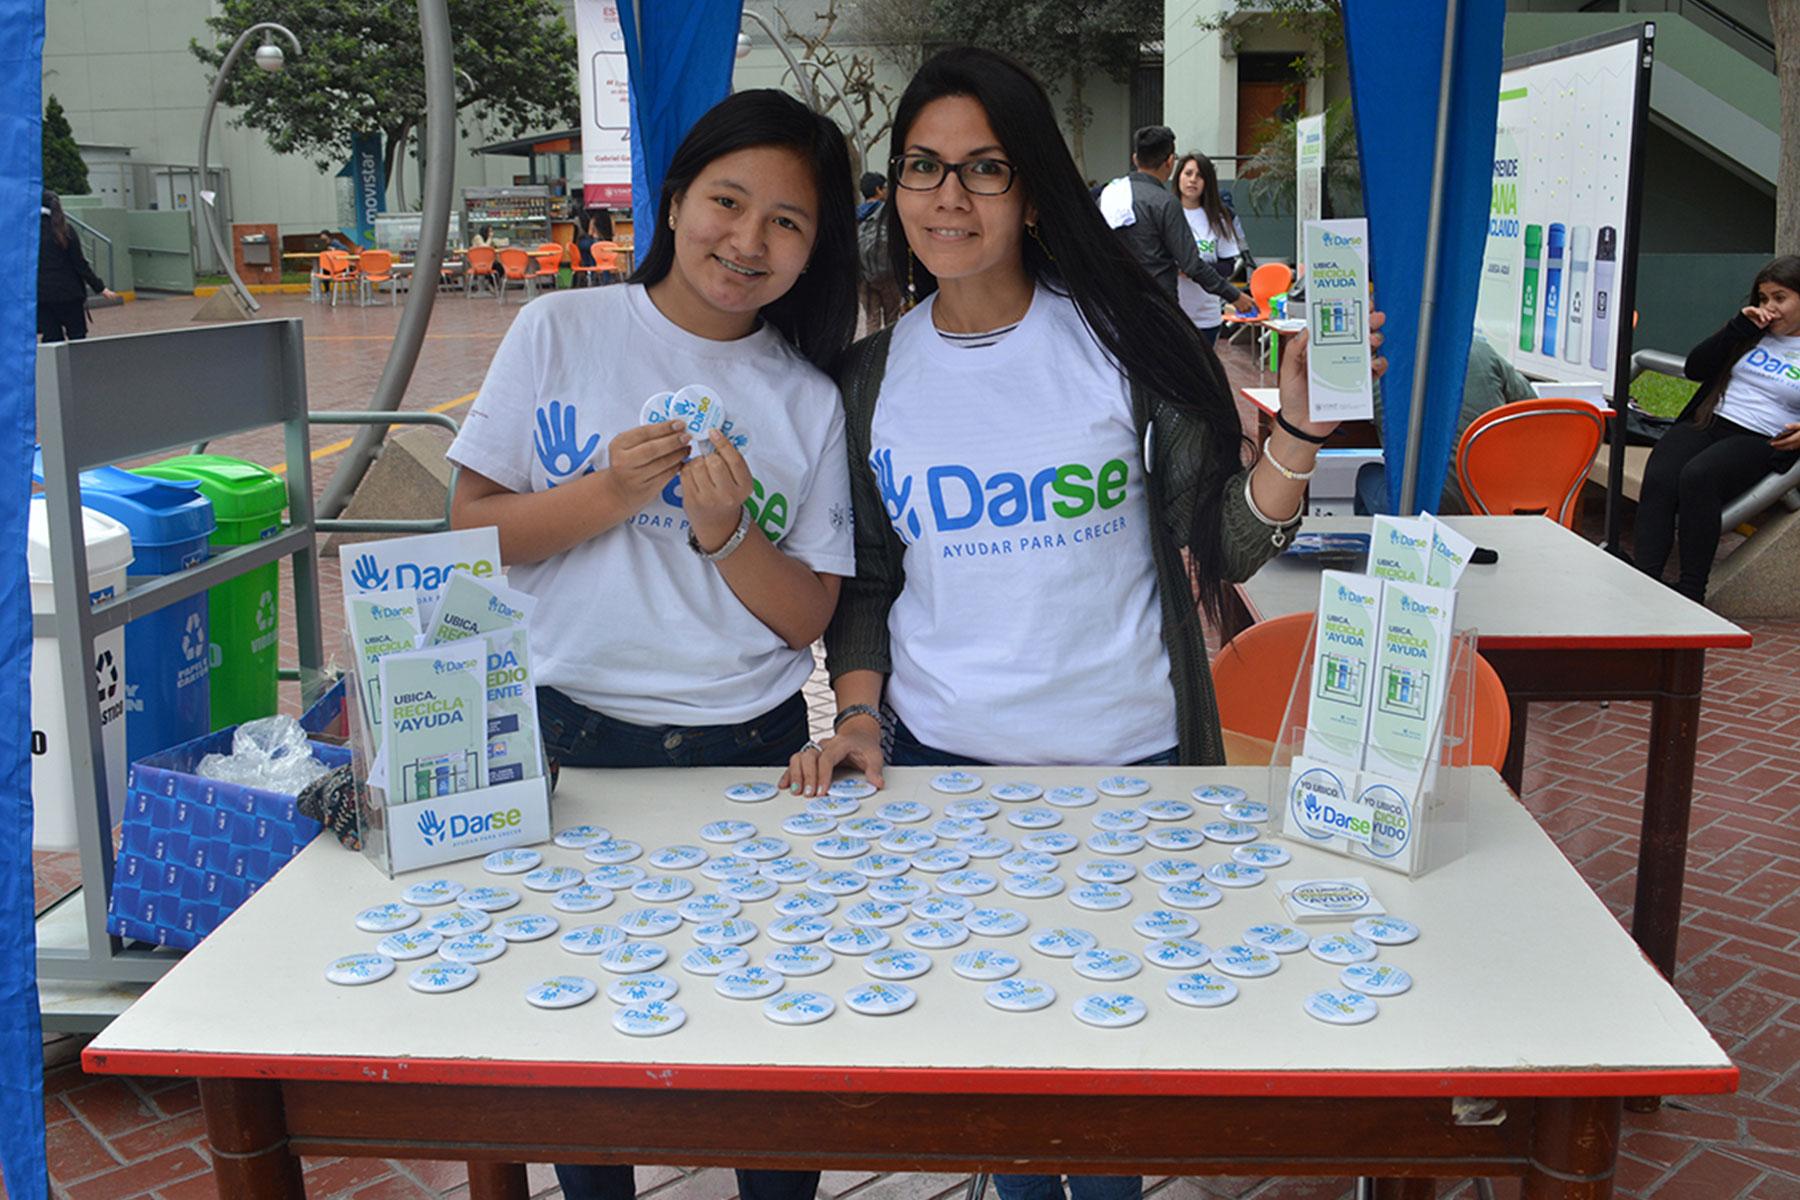 Voluntarios De DARSE Realizaron Campaña Informativa Sobre Reciclaje